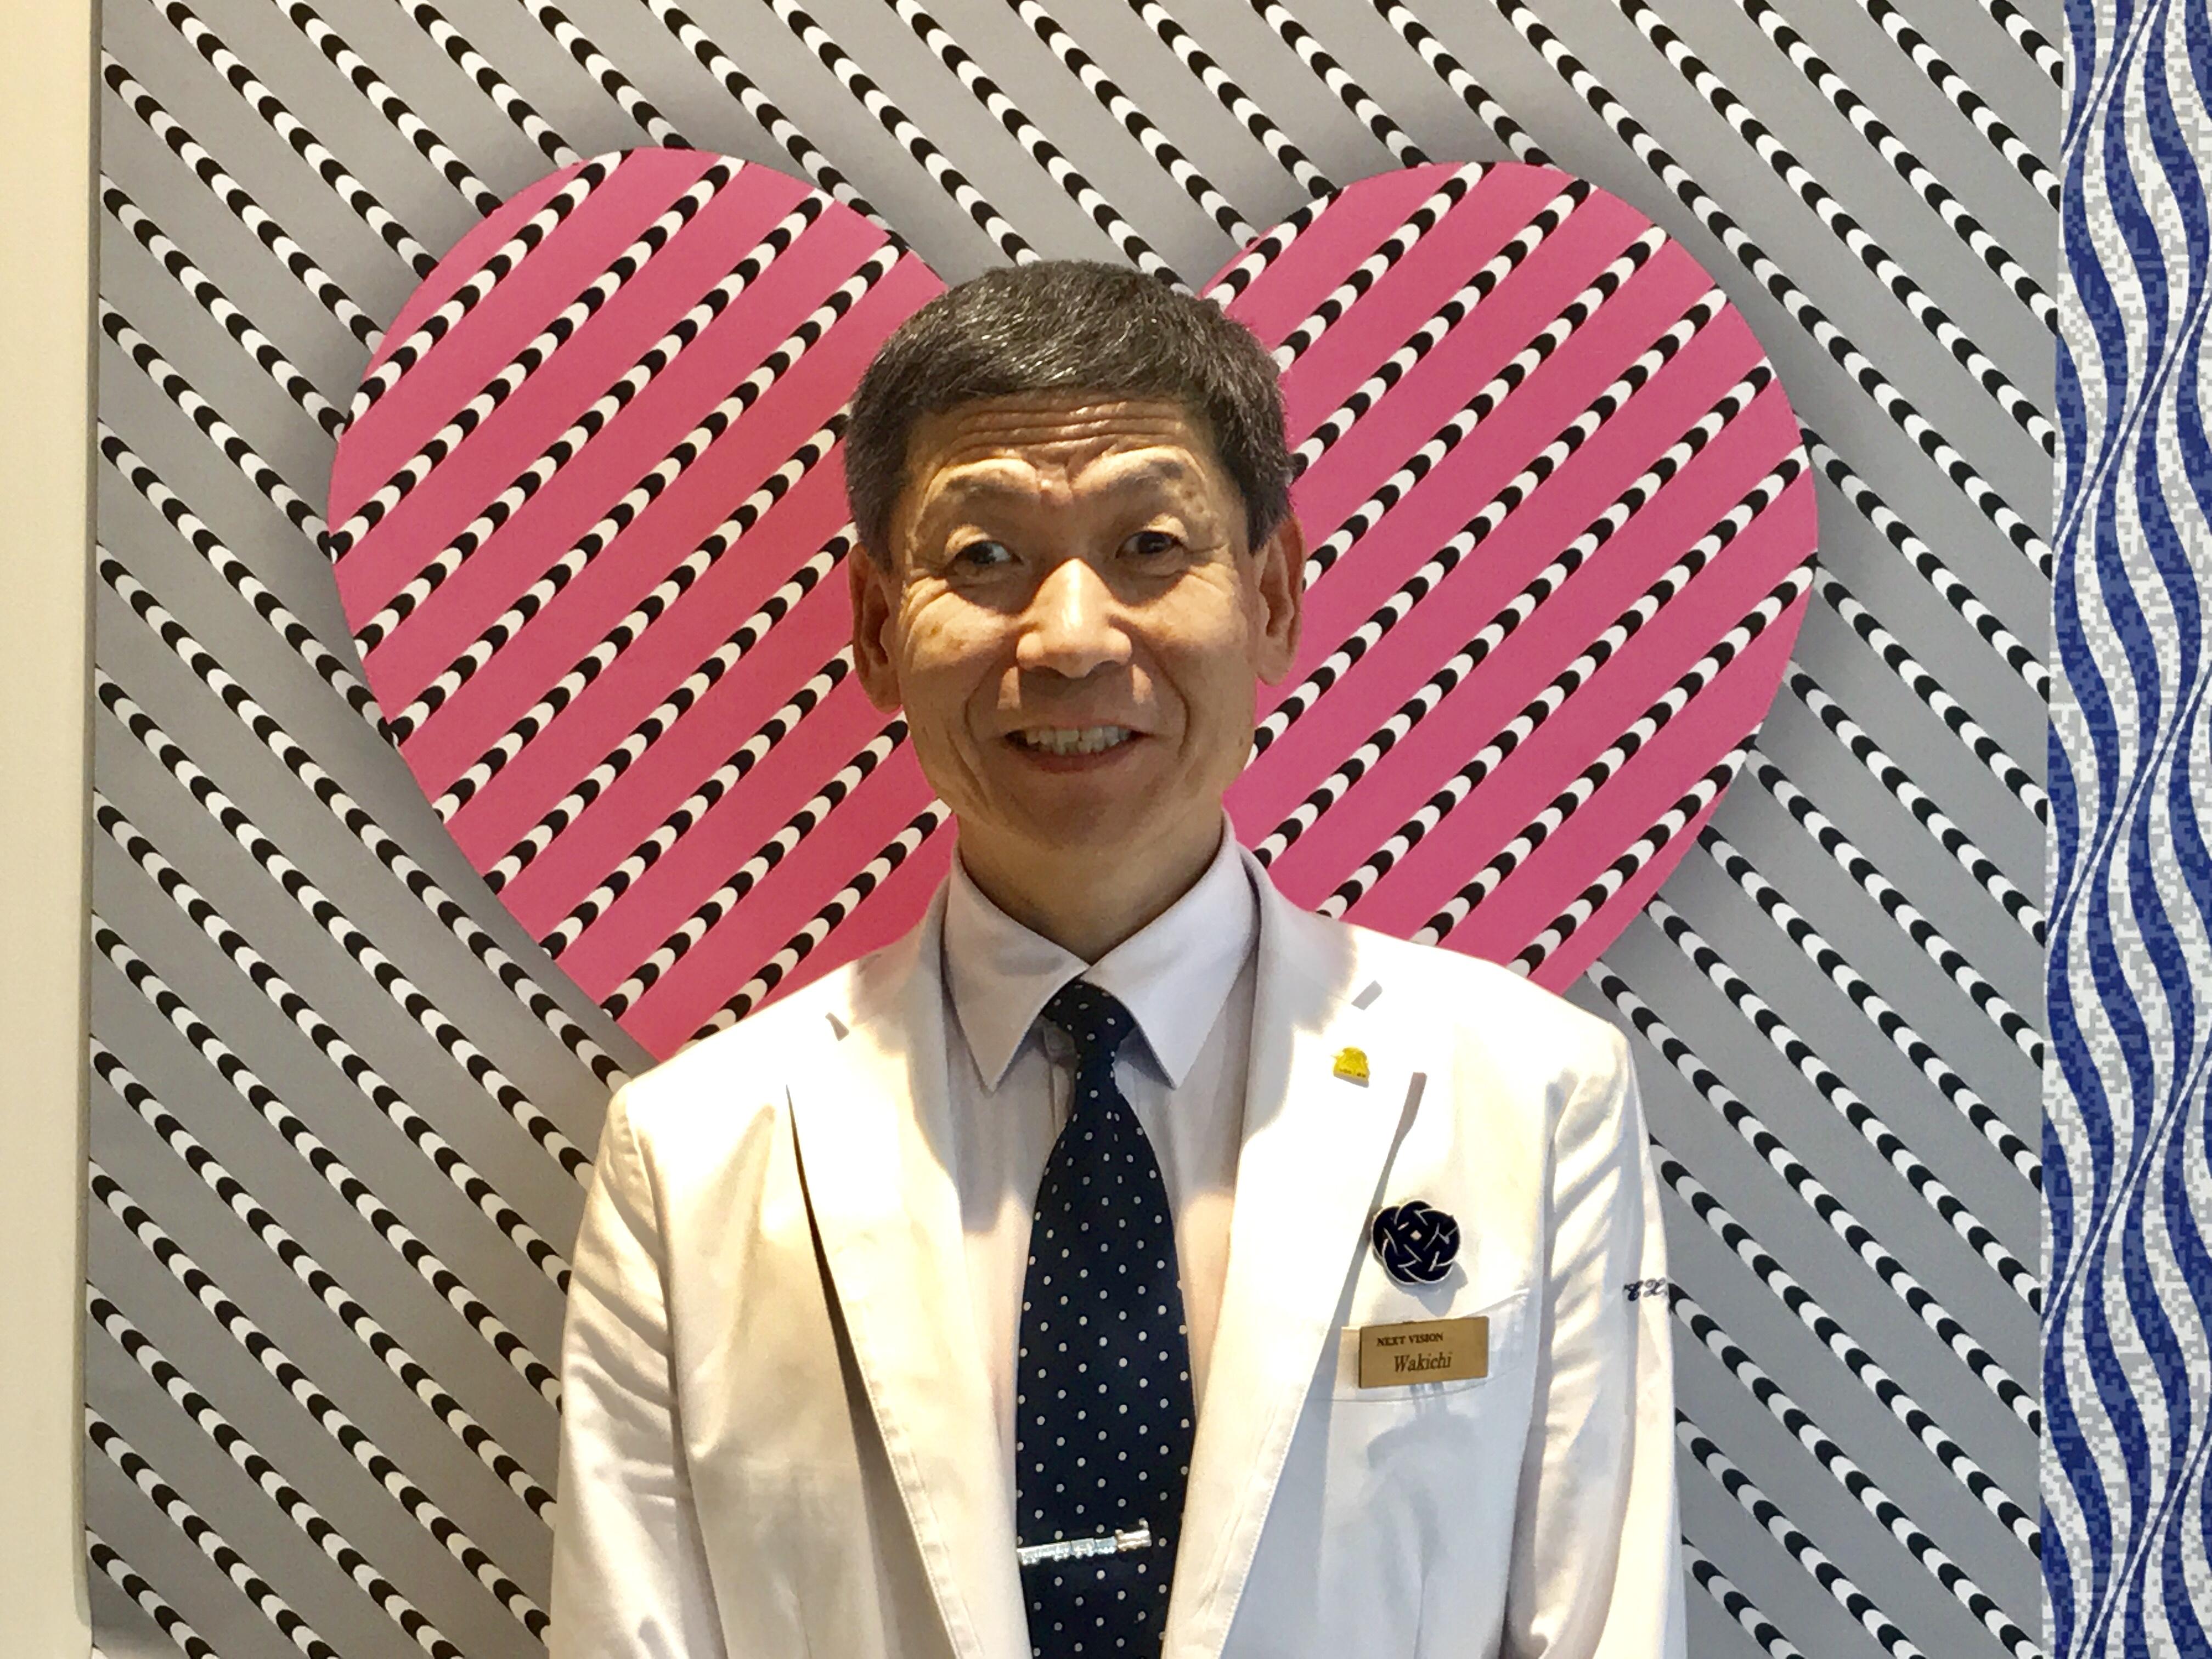 2019年度から視覚リハ協会会長に就任した和田浩一さんが、NEXTビジョンの素敵な制服を着て、ハートの描かれた壁の前に立っているところ